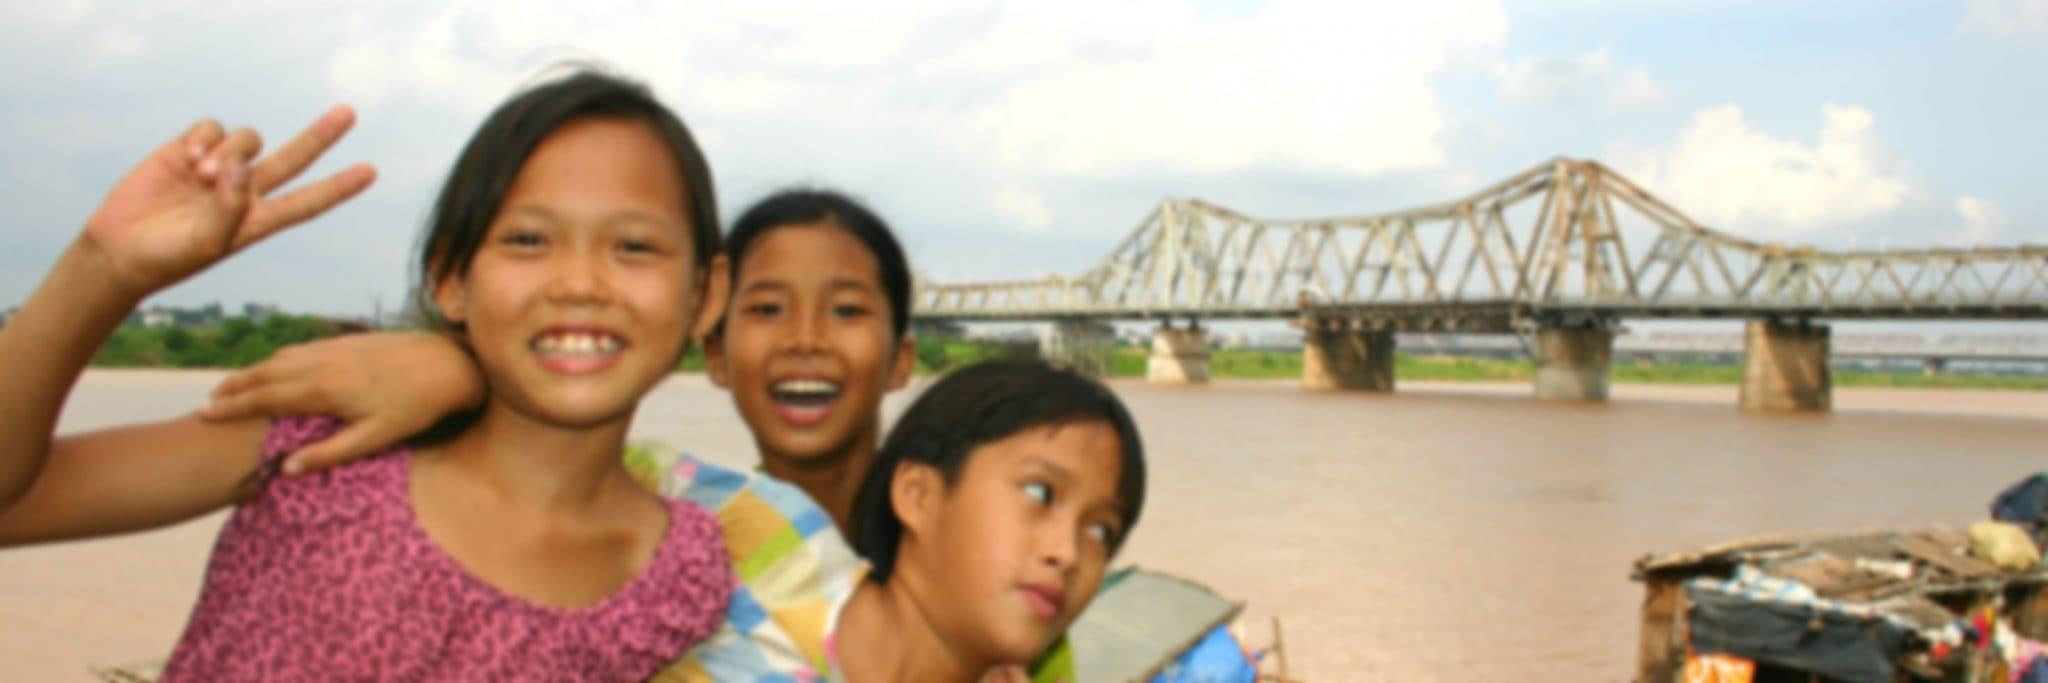 SJ Vietnam